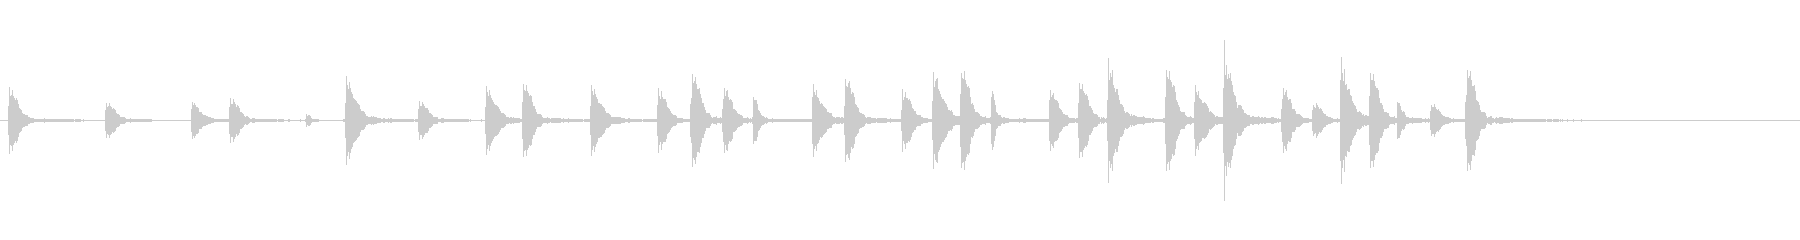 能や歌舞伎の小鼓のフレーズ音+FXの未再生の波形